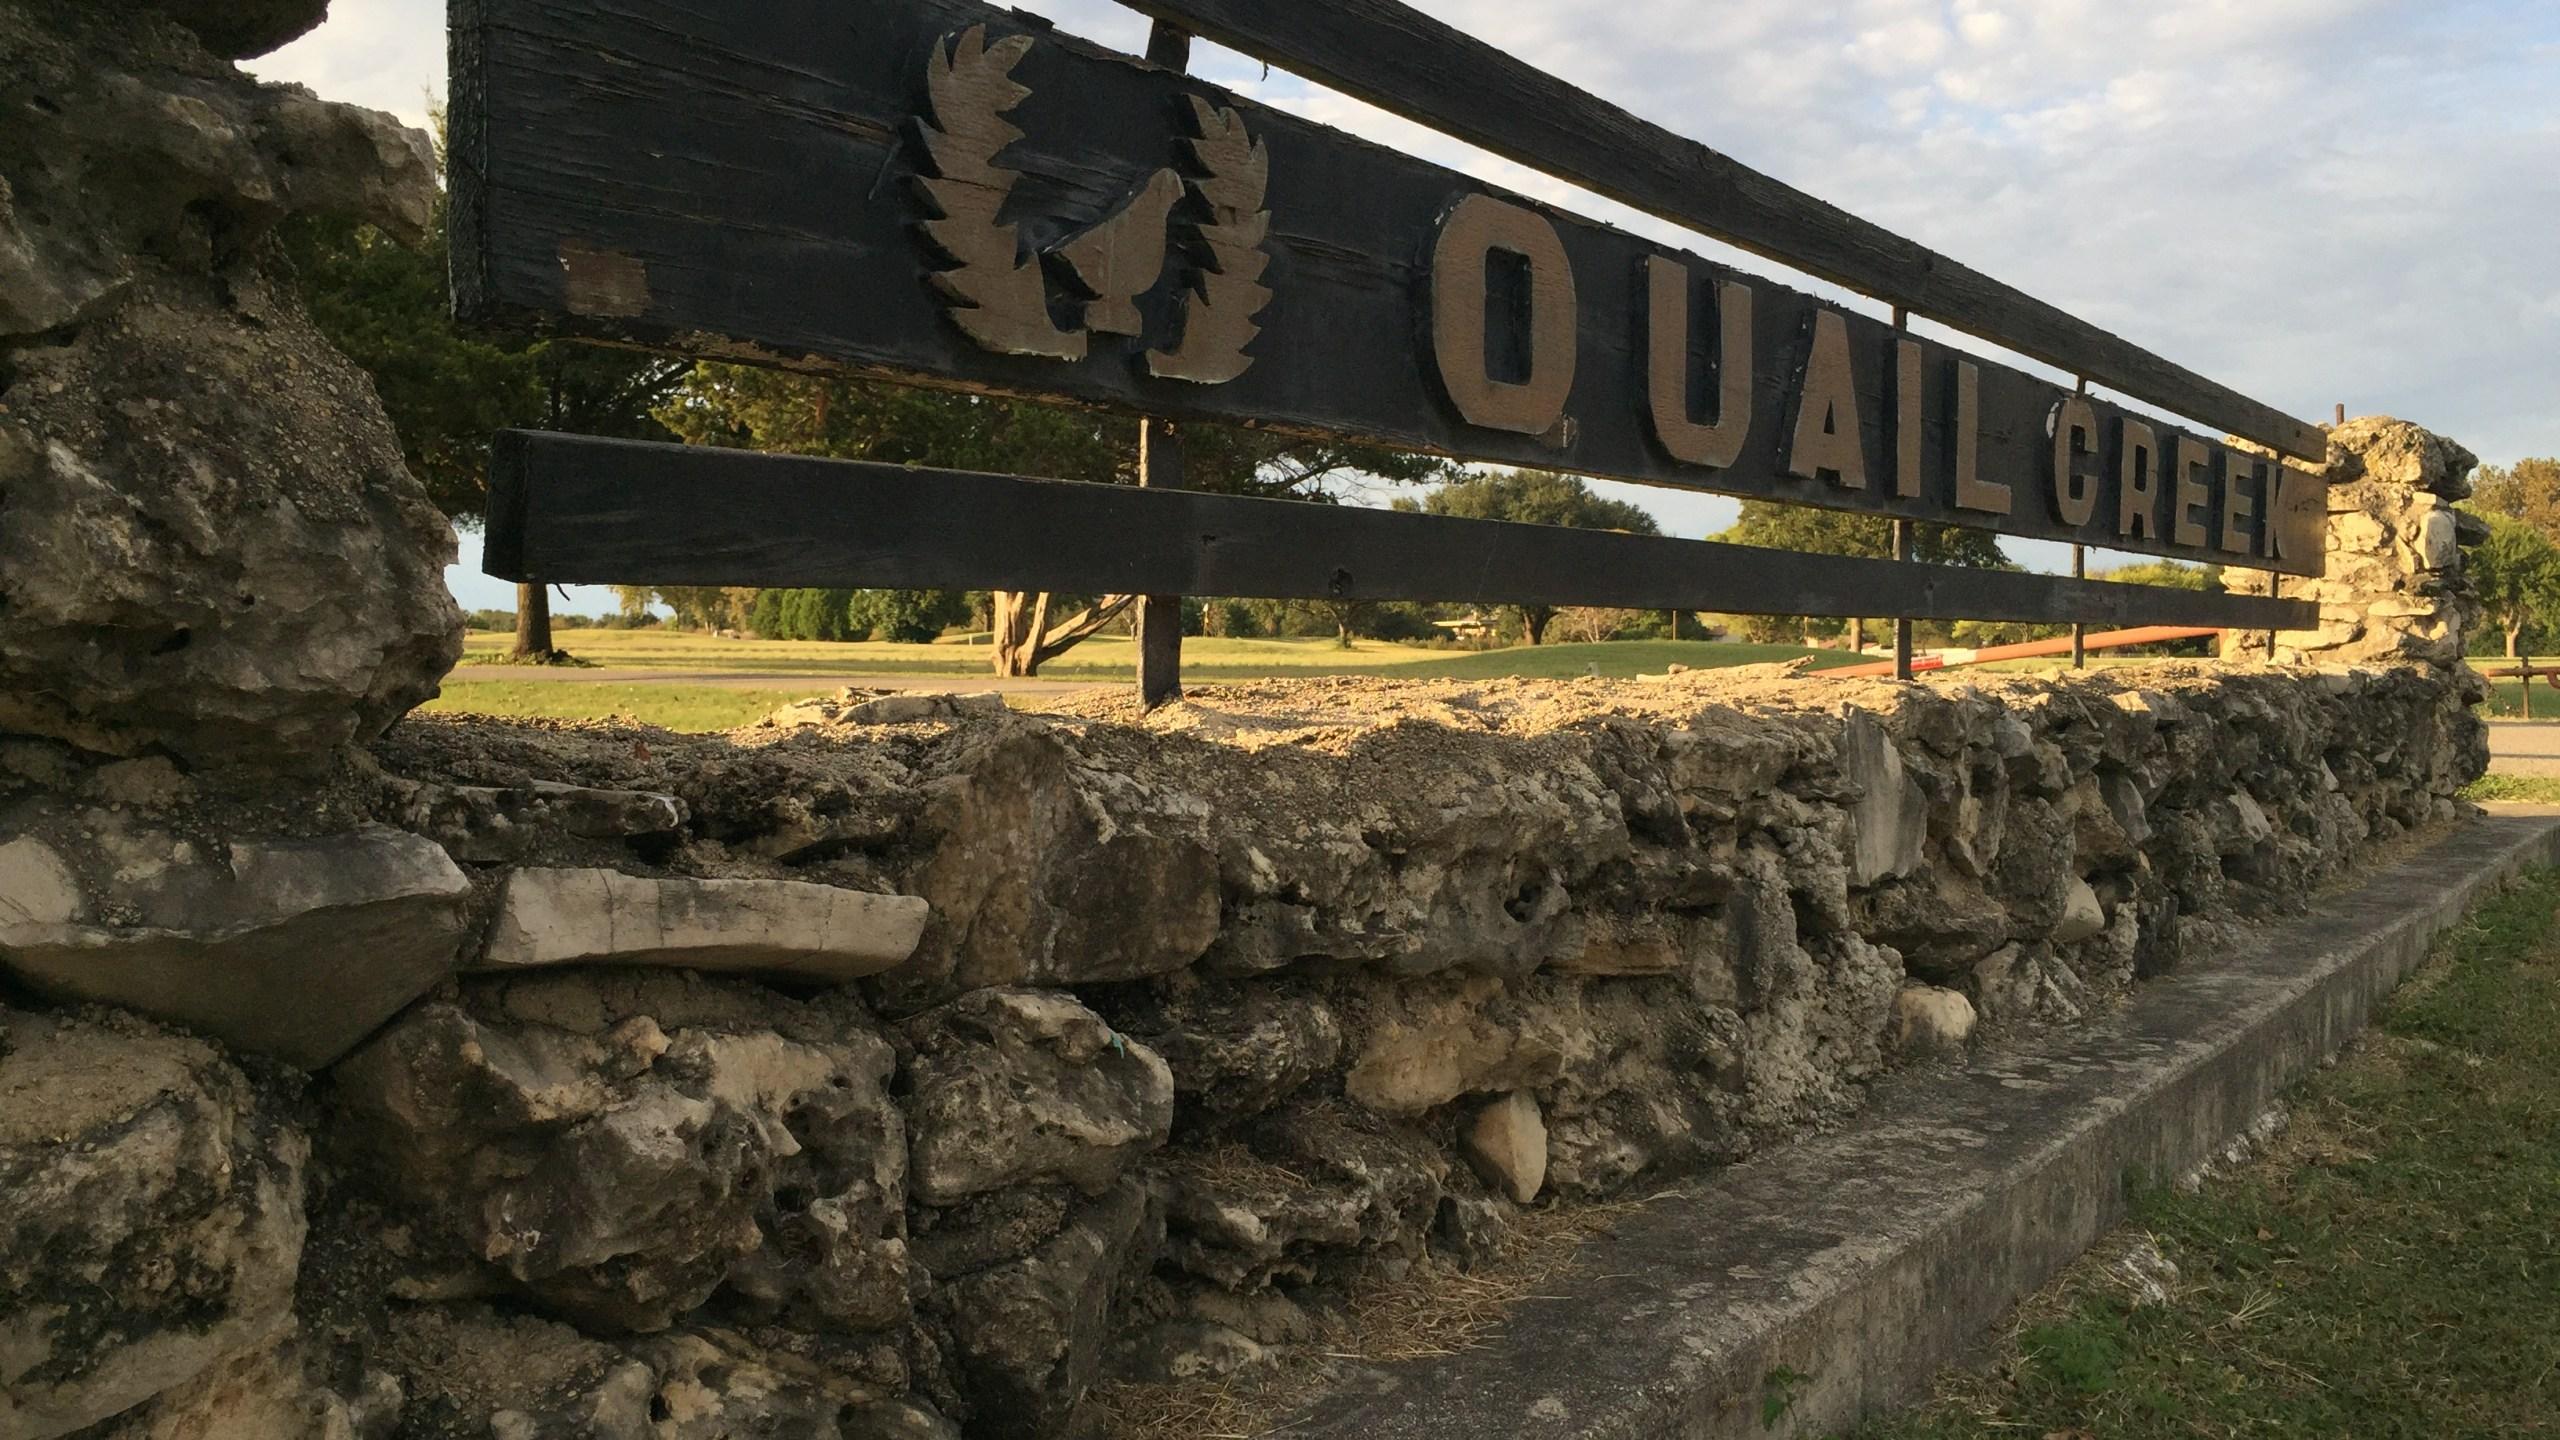 Quail Creek Country Club in San Marcos_365569